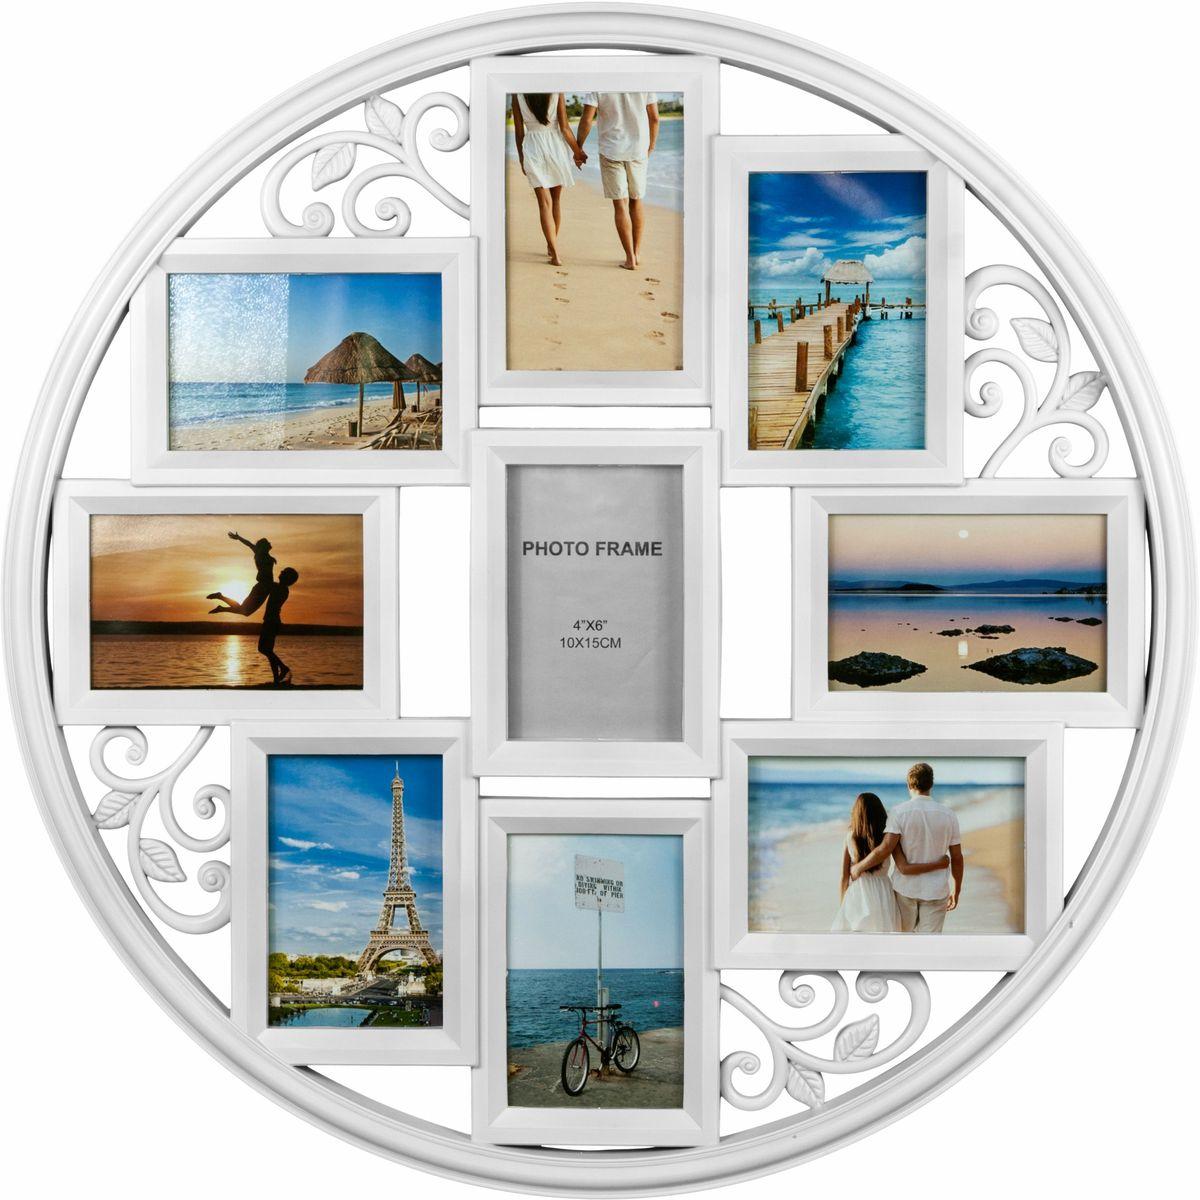 Фоторамка Platinum, цвет: белый, на 9 фото 10 х 15 смBIN-1123645-White-БелыйФоторамка Platinum - прекрасный способ красиво оформить ваши фотографии. Фоторамка выполнена из пластика и защищена стеклом. Фоторамка-коллаж представляет собой шесть фоторамок для фото одного размера оригинально соединенных между собой. Такая фоторамка поможет сохранить в памяти самые яркие моменты вашей жизни, а стильный дизайн сделает ее прекрасным дополнением интерьера комнаты. Фоторамка подходит для фотографий 10 х 15 см. Общий размер фоторамки: 60 х 60 см.